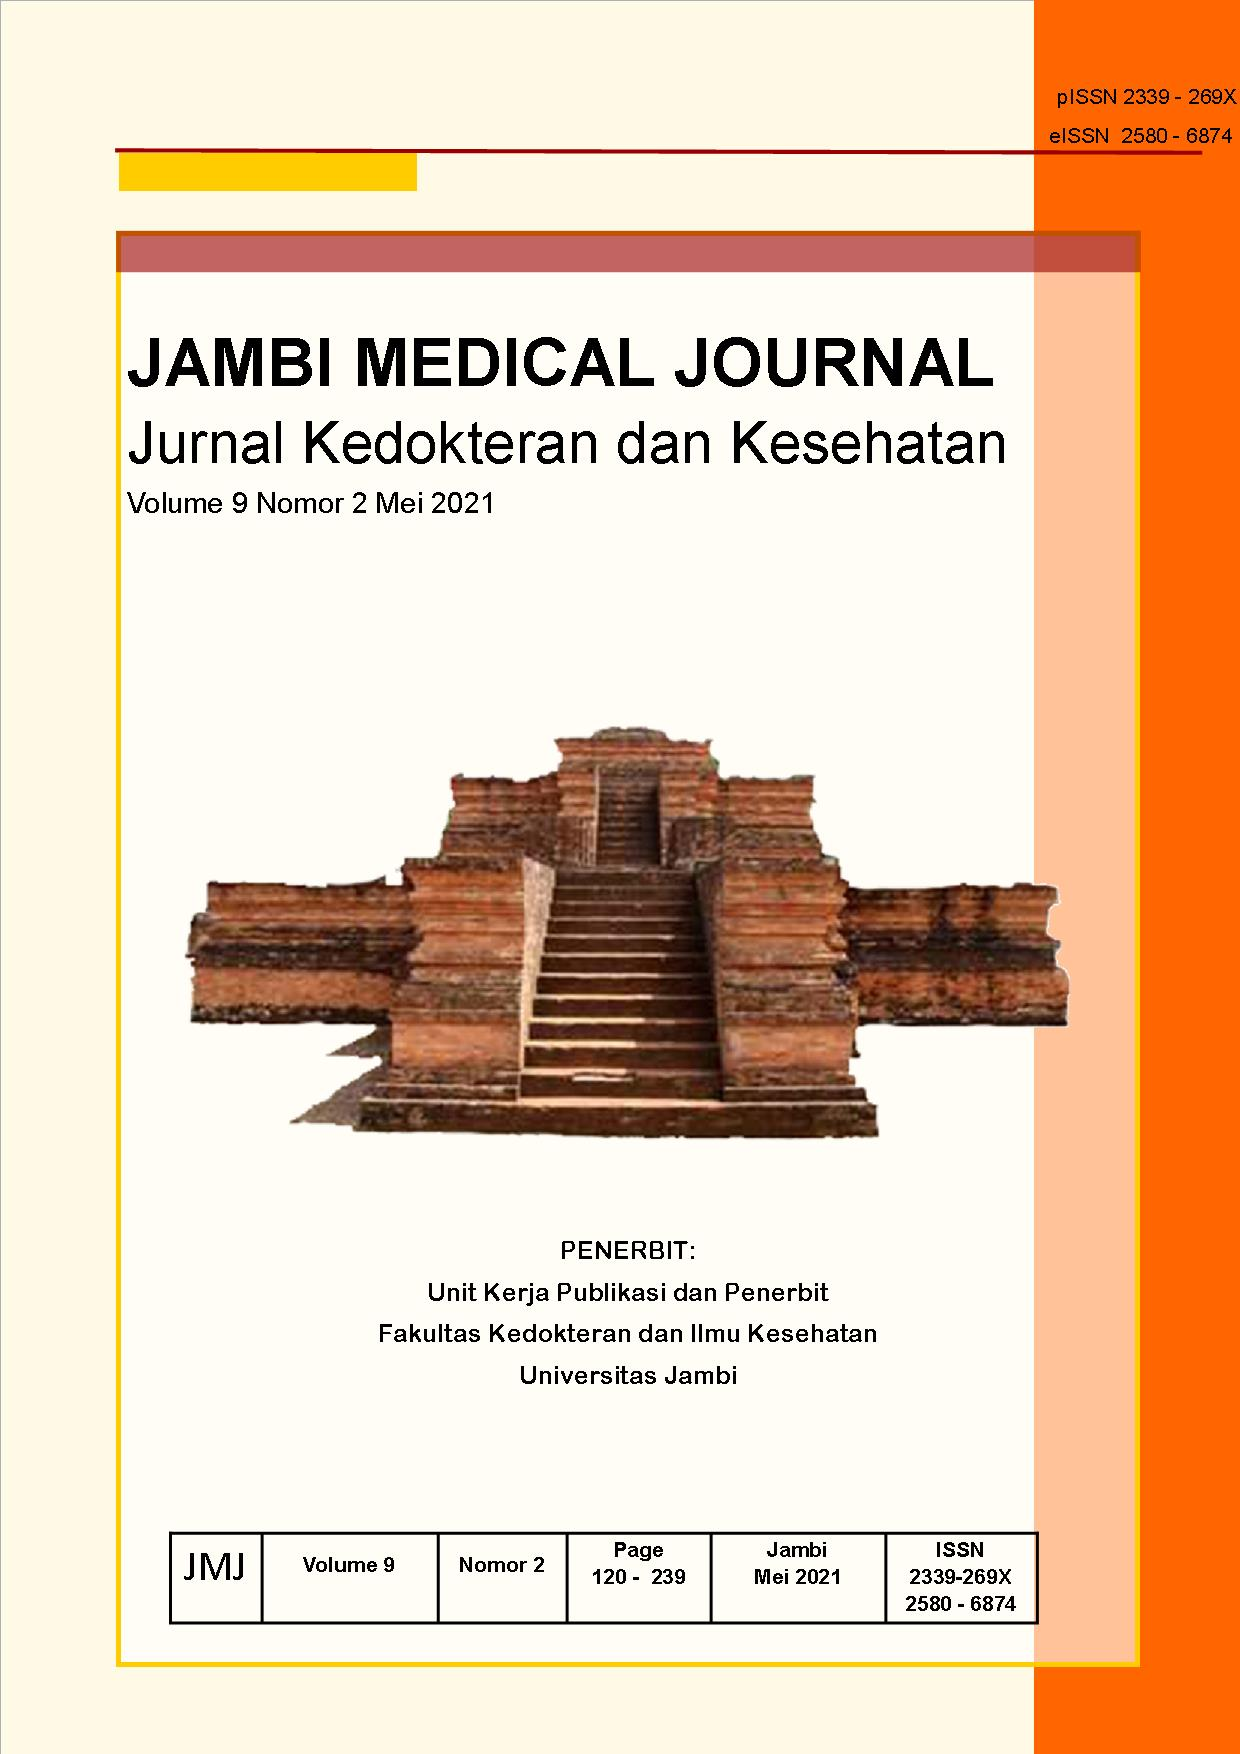 View Vol. 9 No. 2 (2021): JAMBI MEDICAL JOURNAL Jurnal Kedokteran Dan Kesehatan